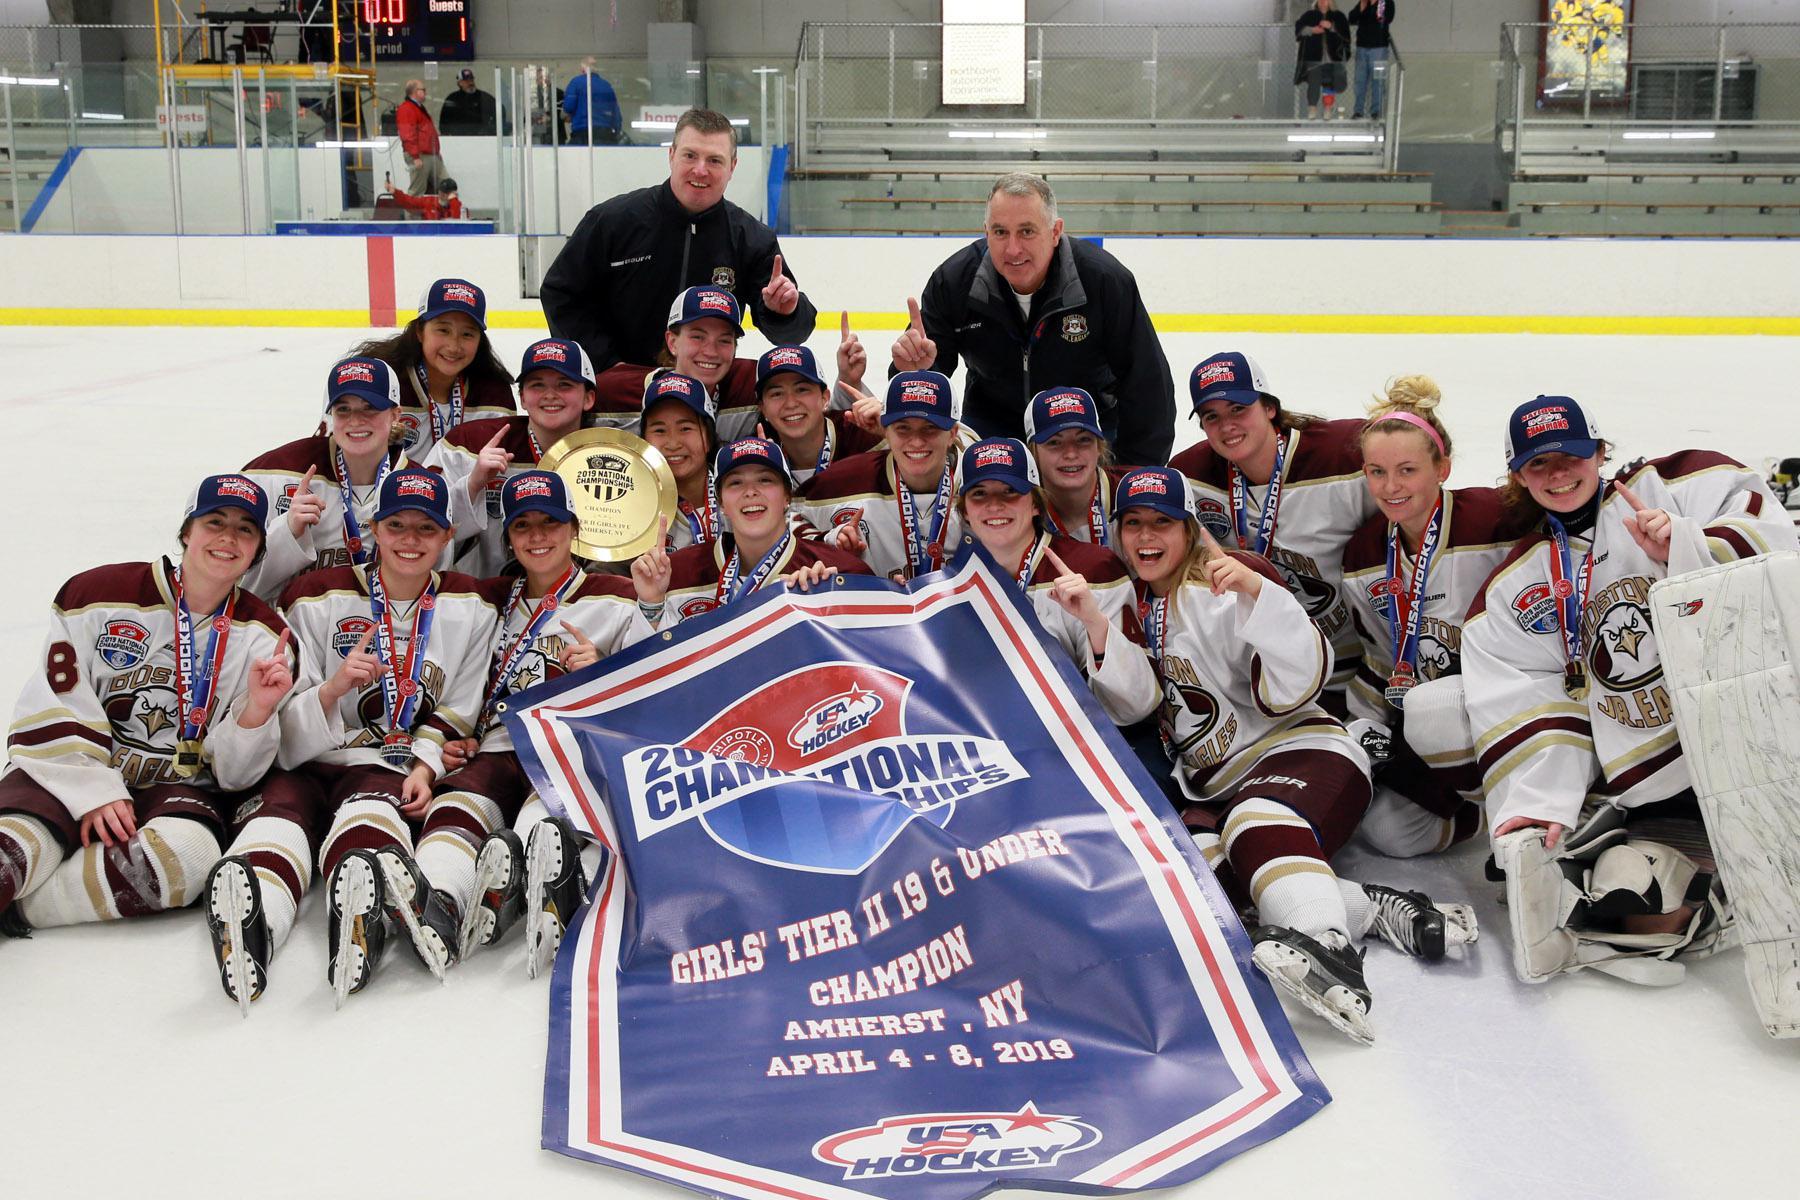 Boston Jr Eagles Win Battle Of At Large Teams In Girls Tier Ii 19u